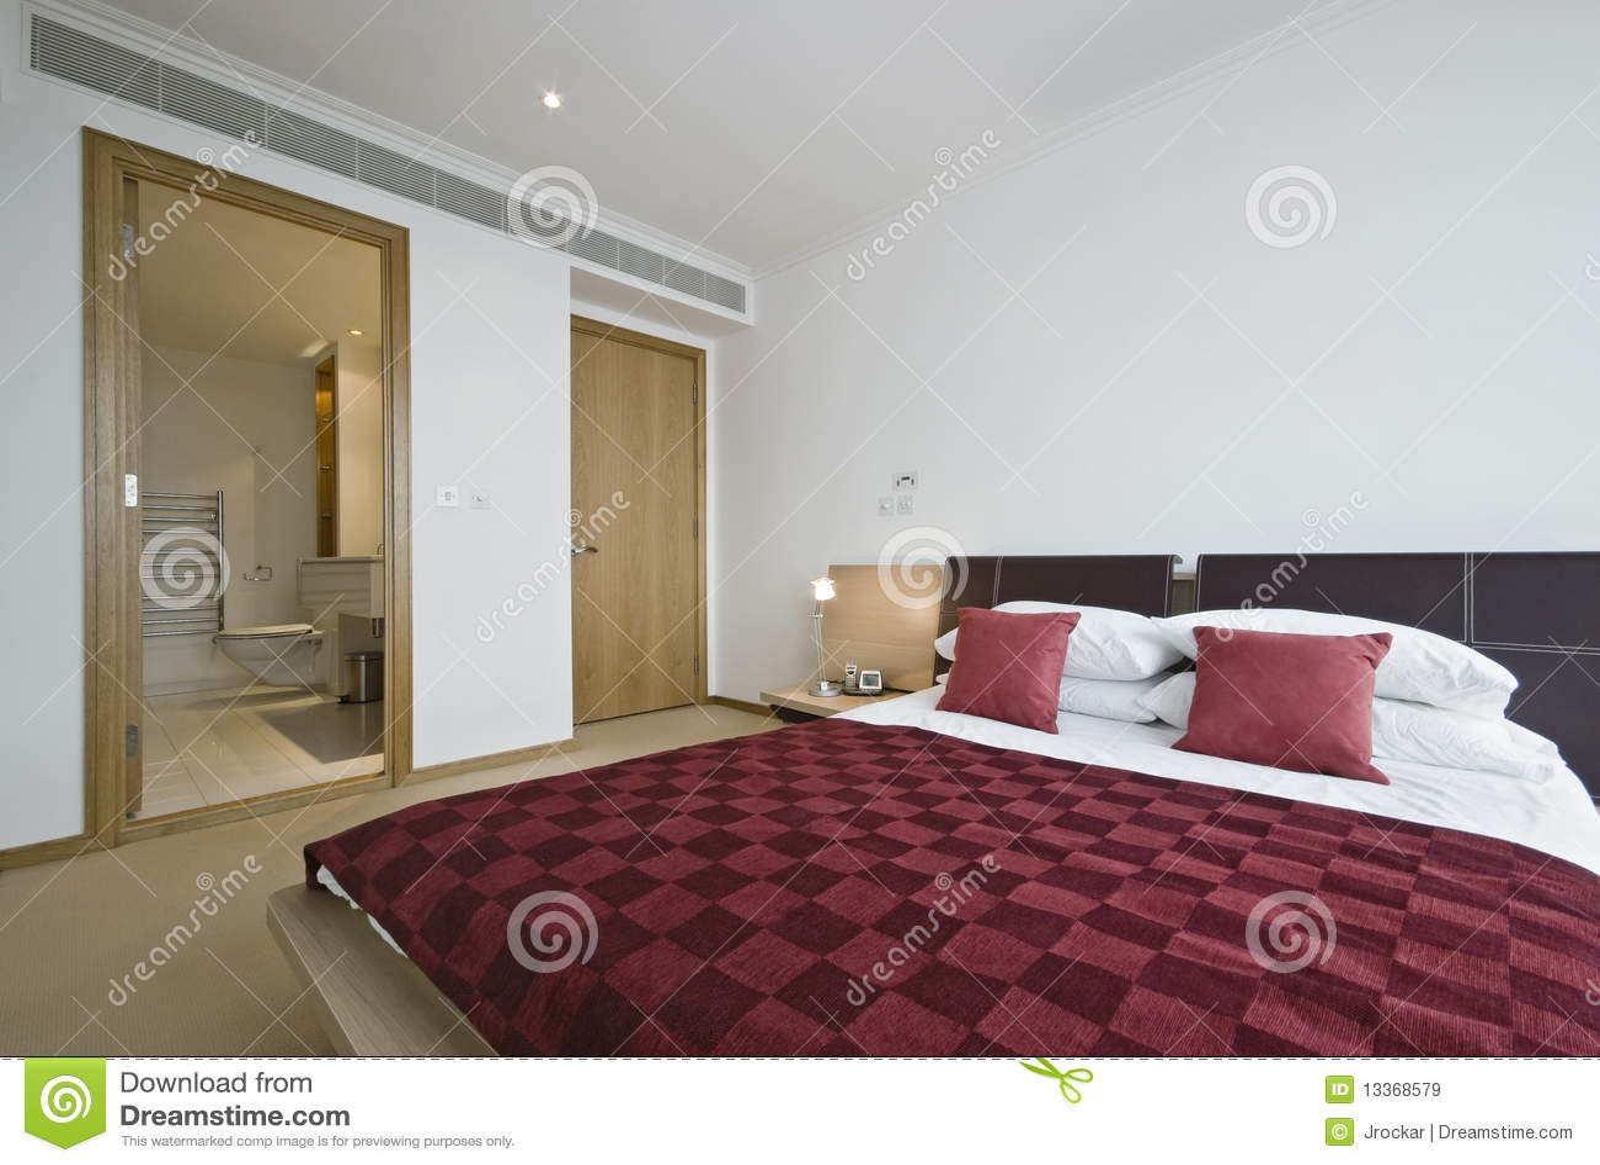 download slaapkamer met engels reeks stock afbeelding afbeelding bestaande uit toebehoren dekking